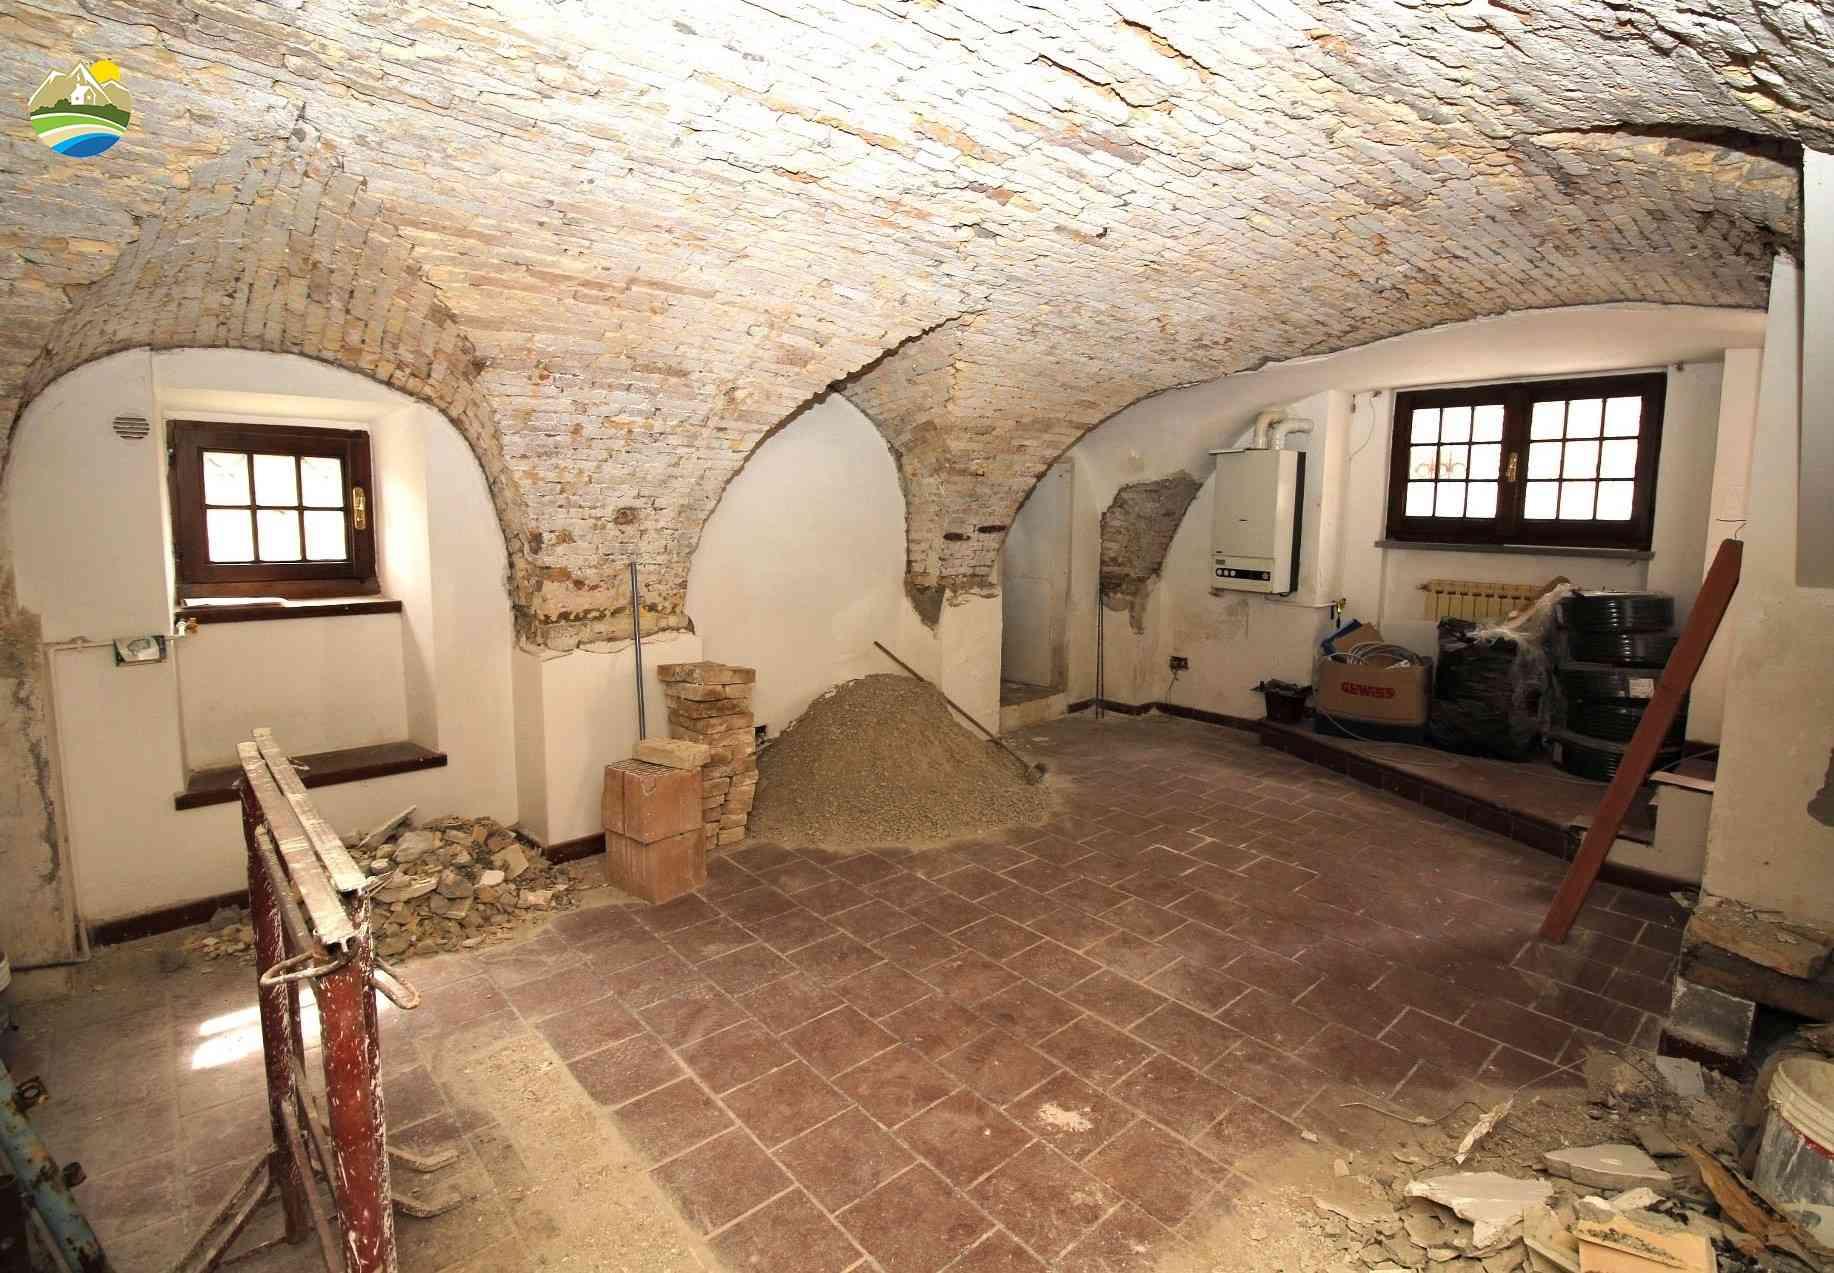 Casa in paese Casa Hatria - Atri - EUR 91.449